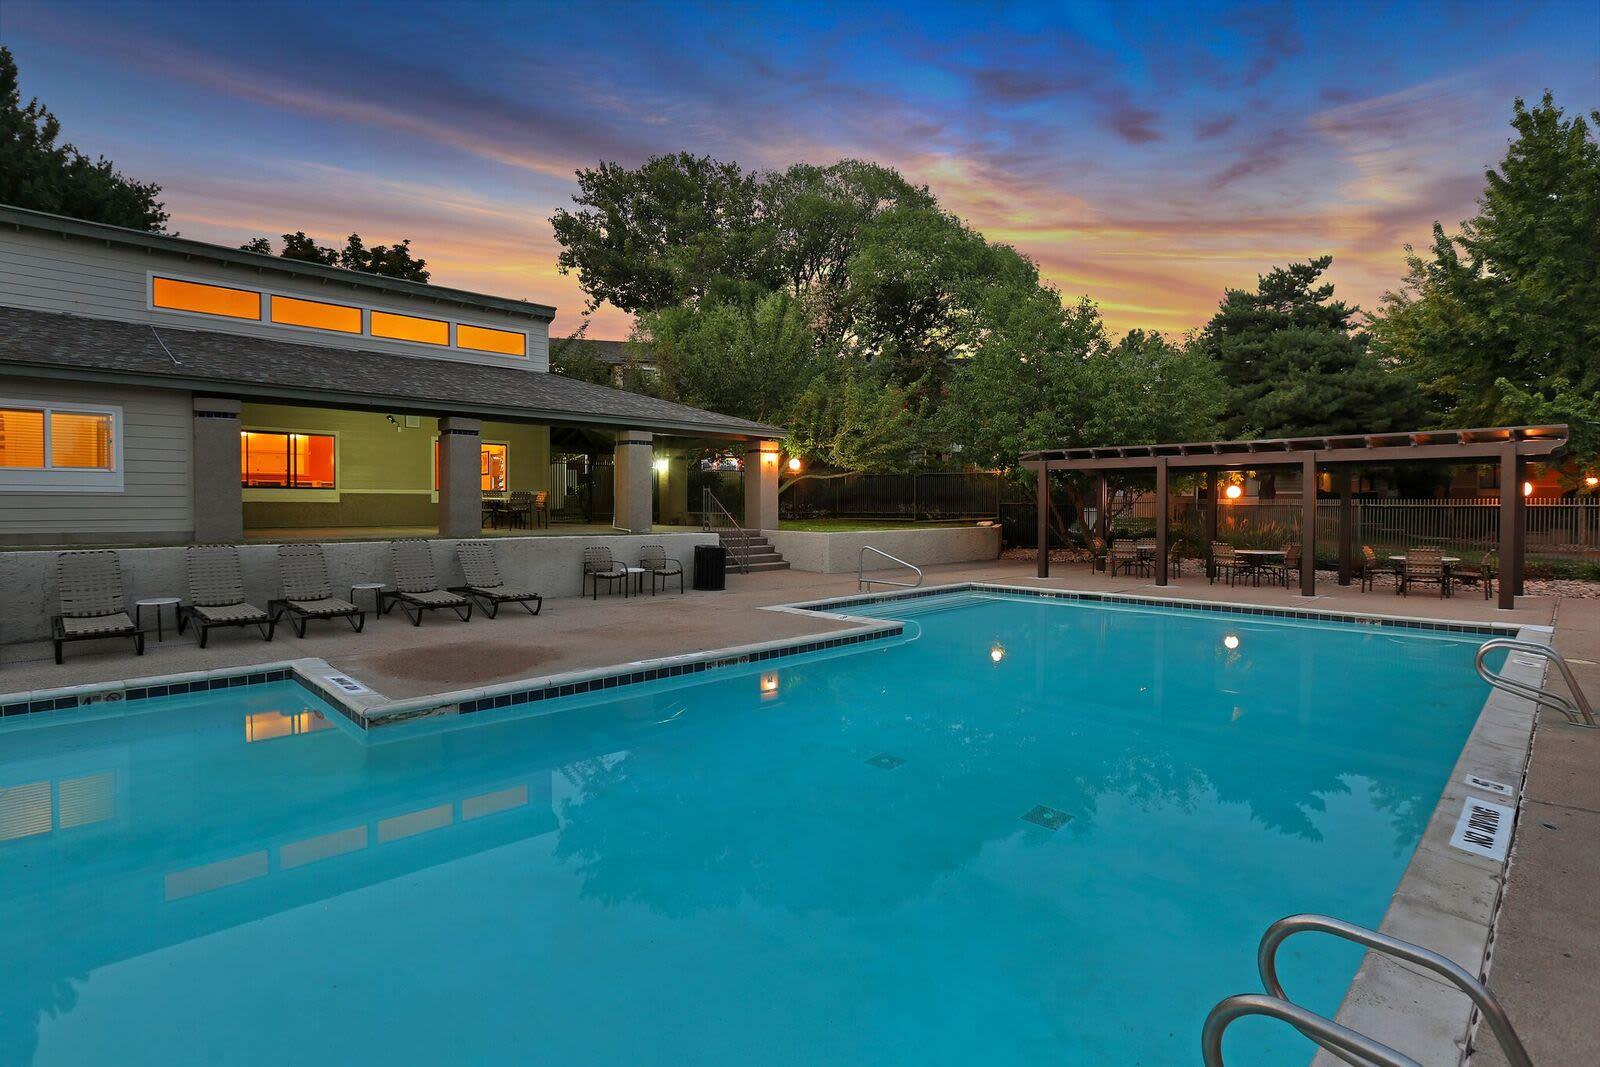 Beautiful swimming pool at apartments in Layton, Utah